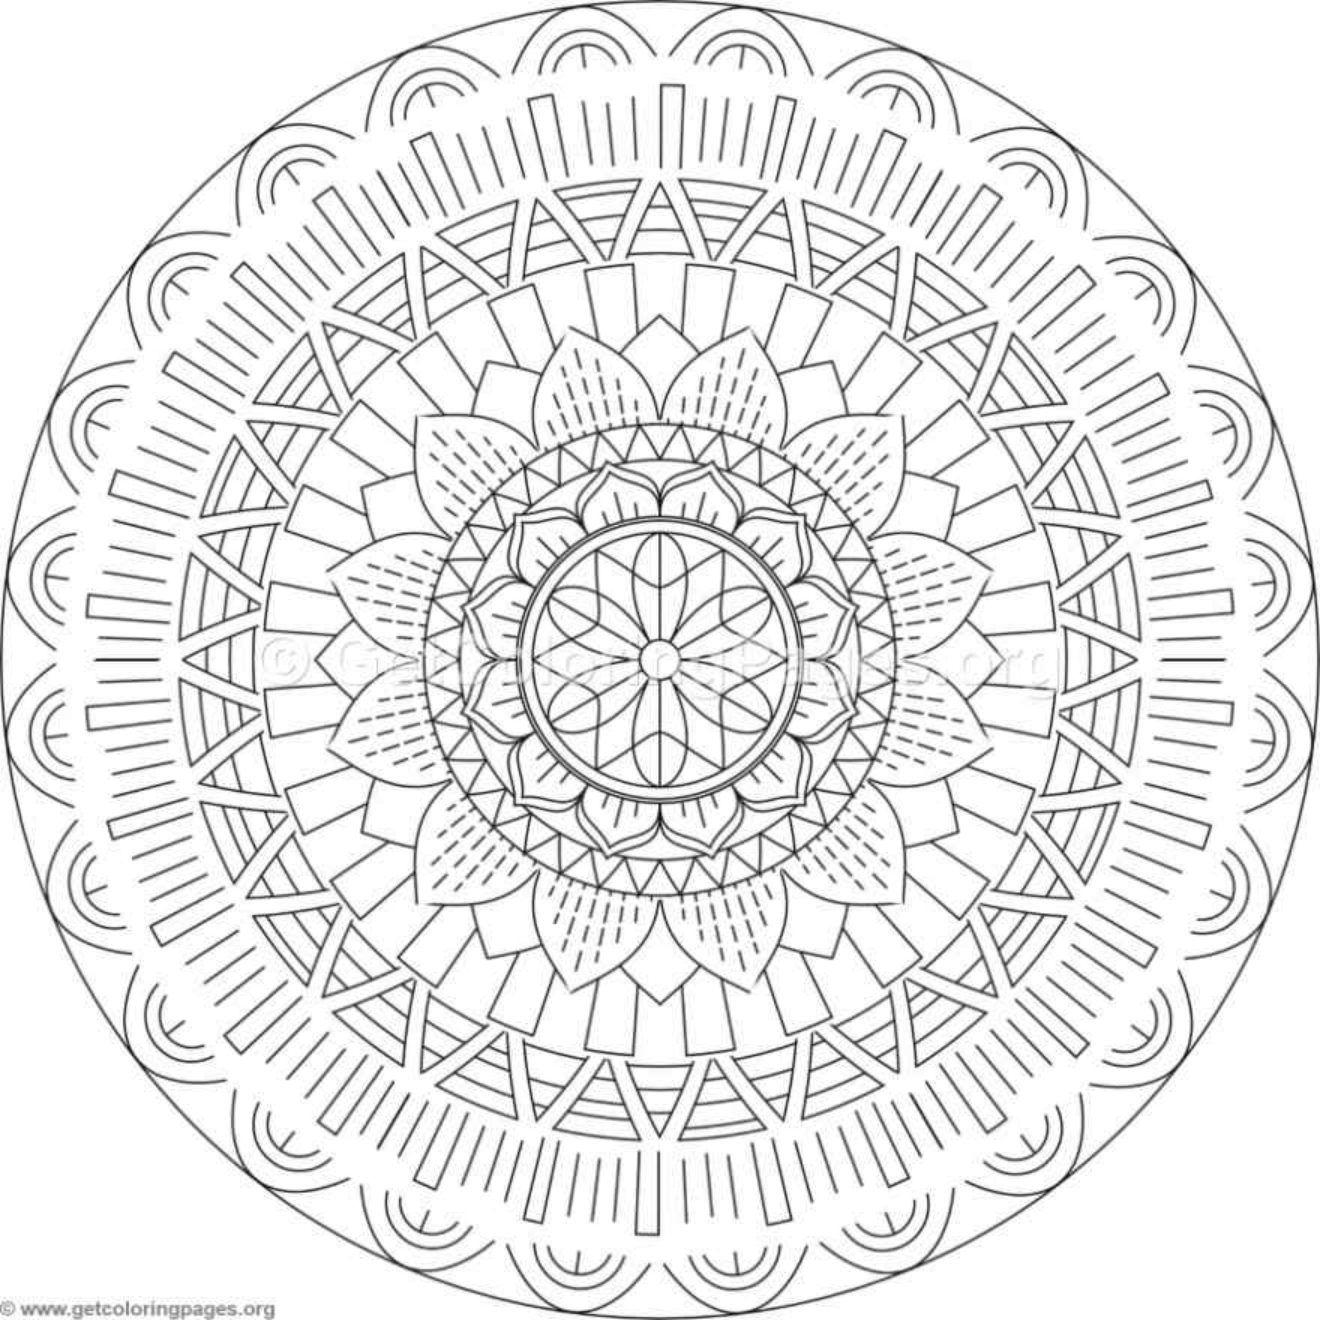 kleurplaat cirkels voor volwassenen